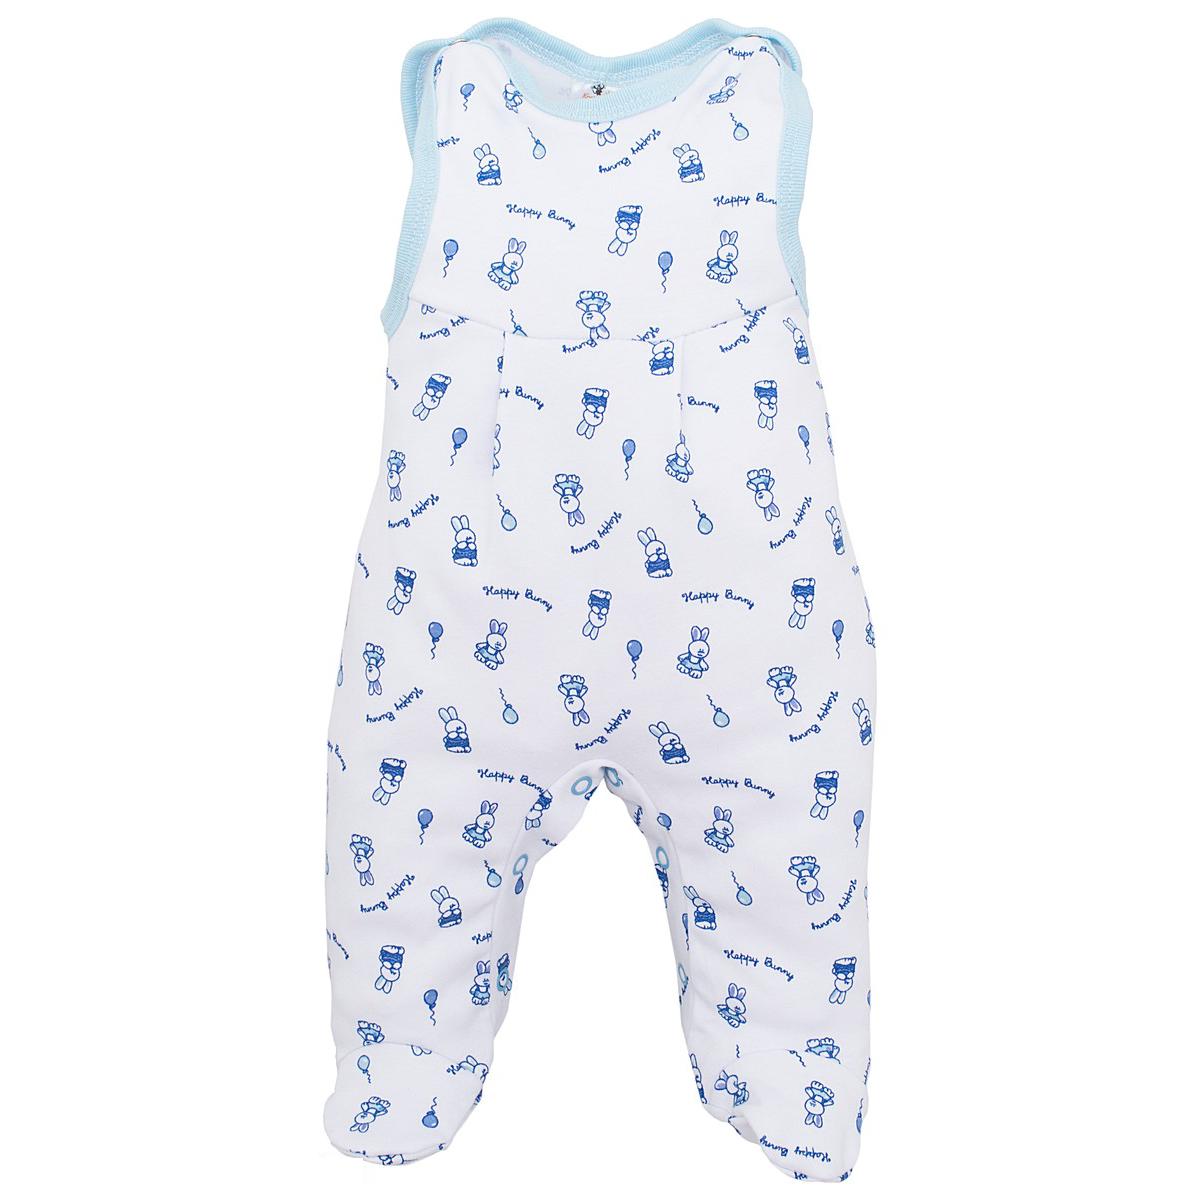 Высокие ползунки КОТМАРКОТ для мальчика, цвет набивка голубой тон 9-12 мес (размер 80)<br>